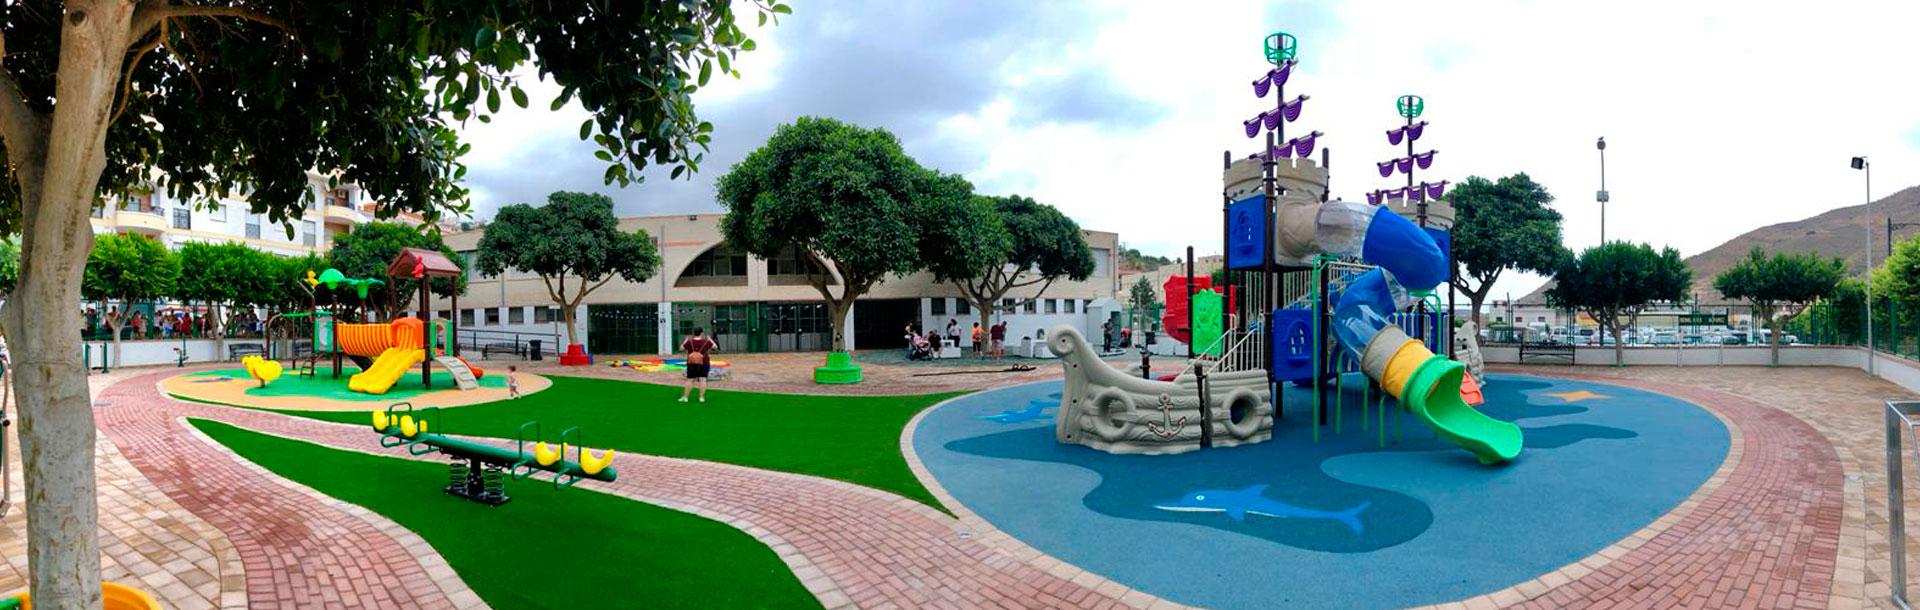 slider parque infantil Albuñol